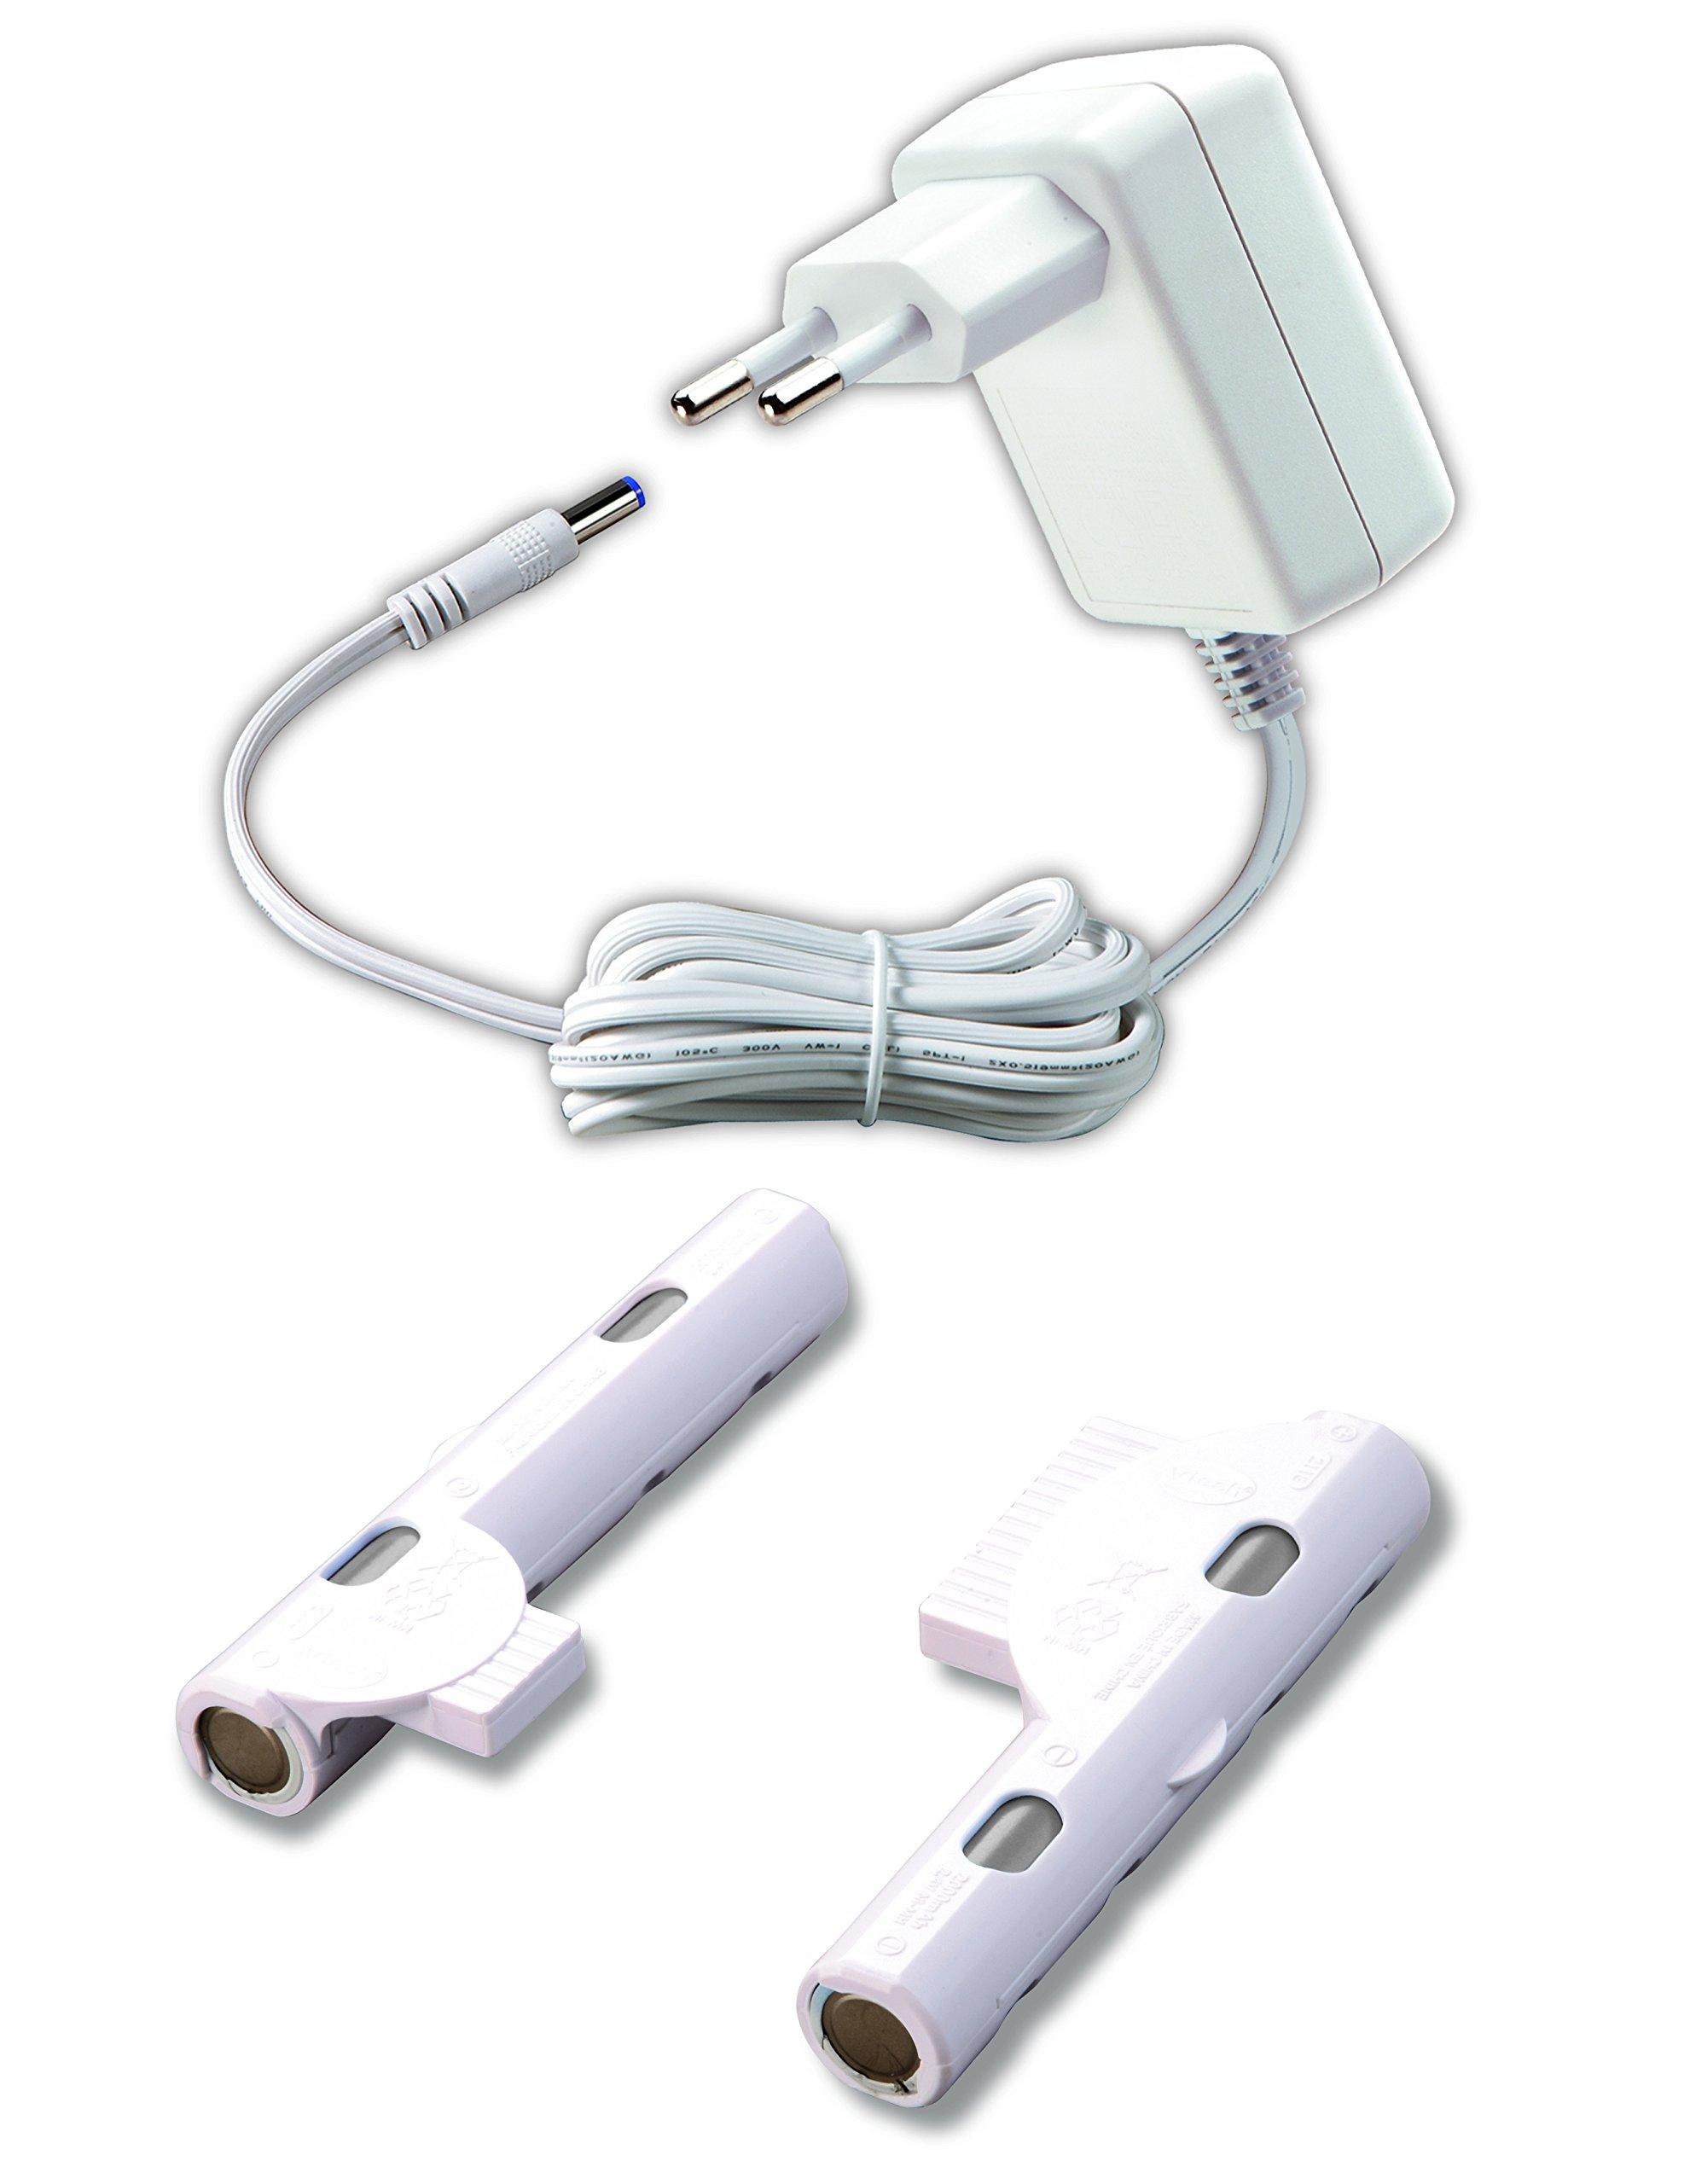 Vtech - 211849 - Jeu électronique - Power Pack Storio 3 & 3s (Batterie Rechargeable + Chargeur) product image